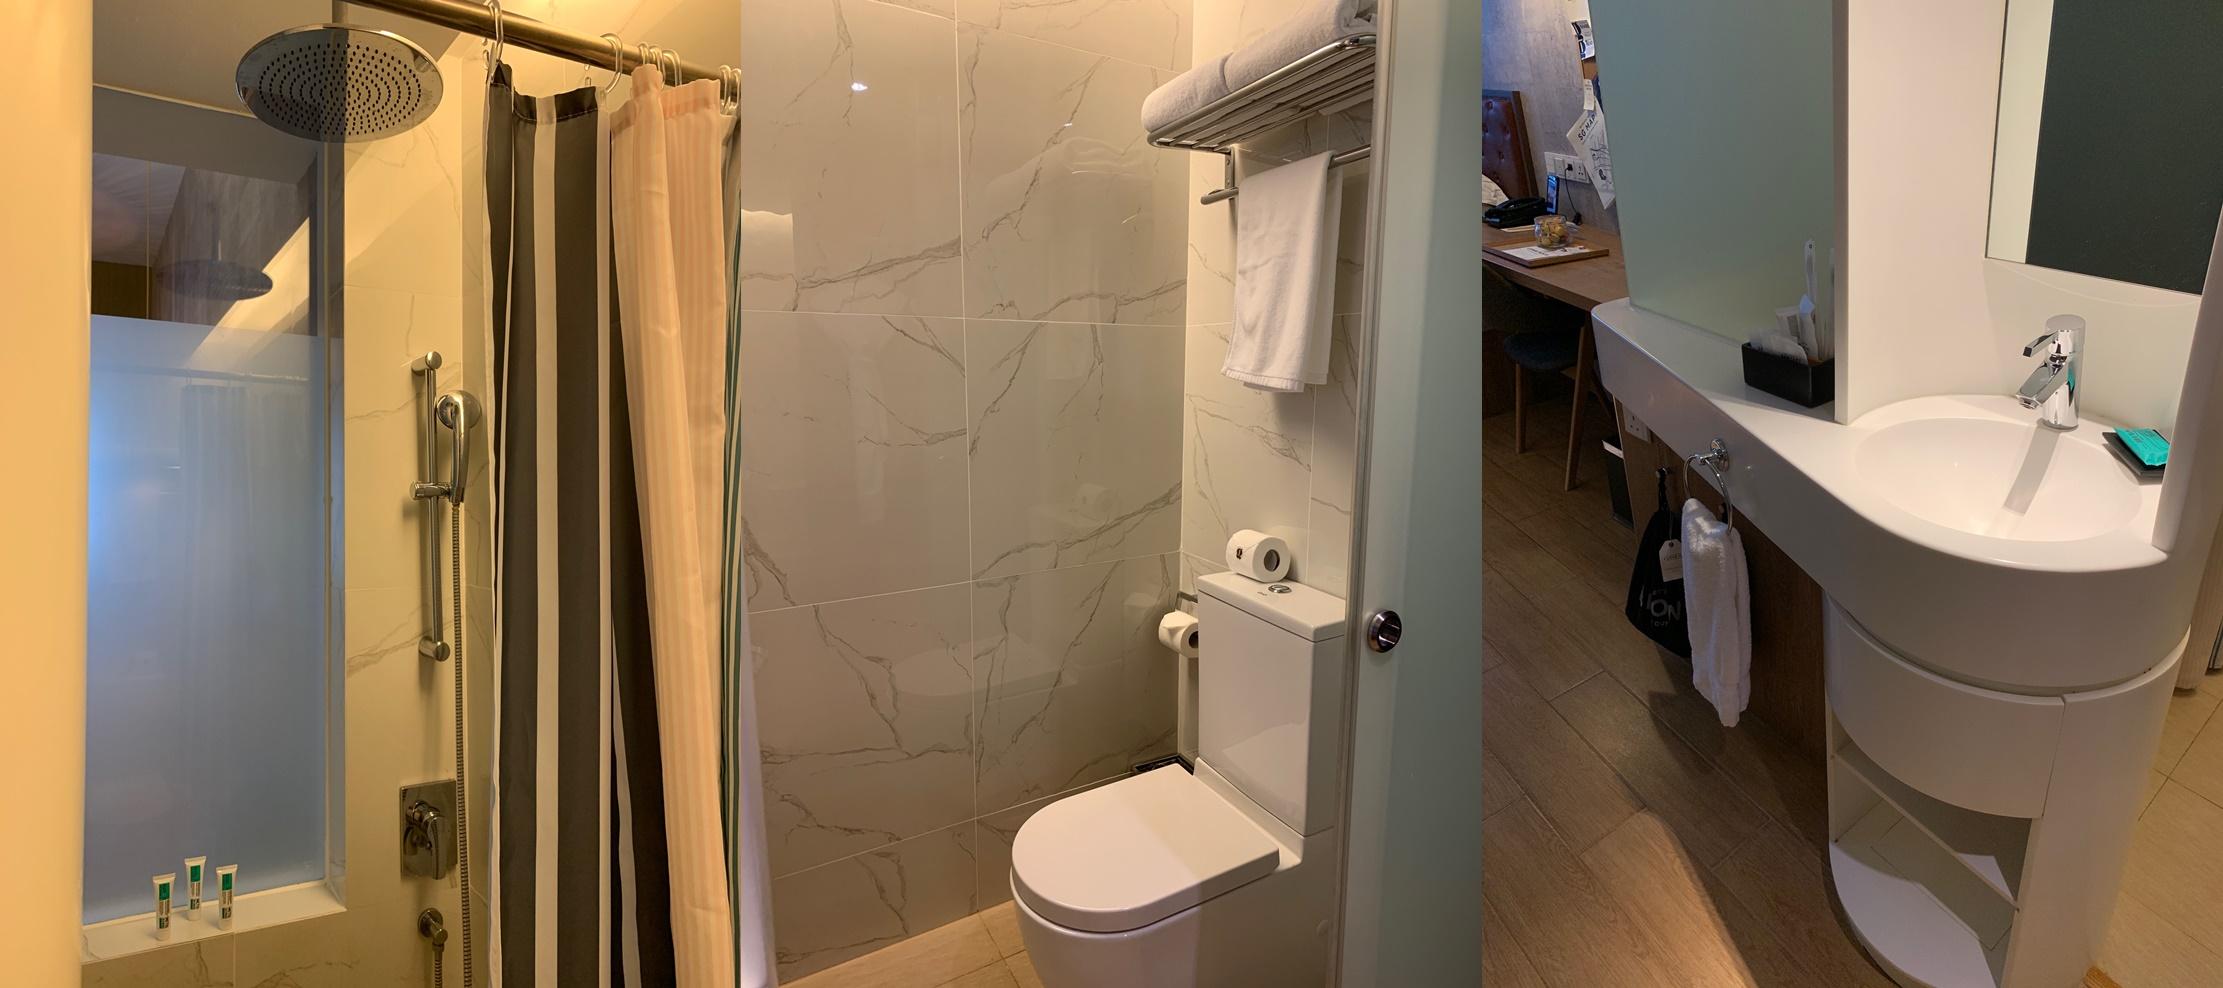 Hotel G - Bathroom